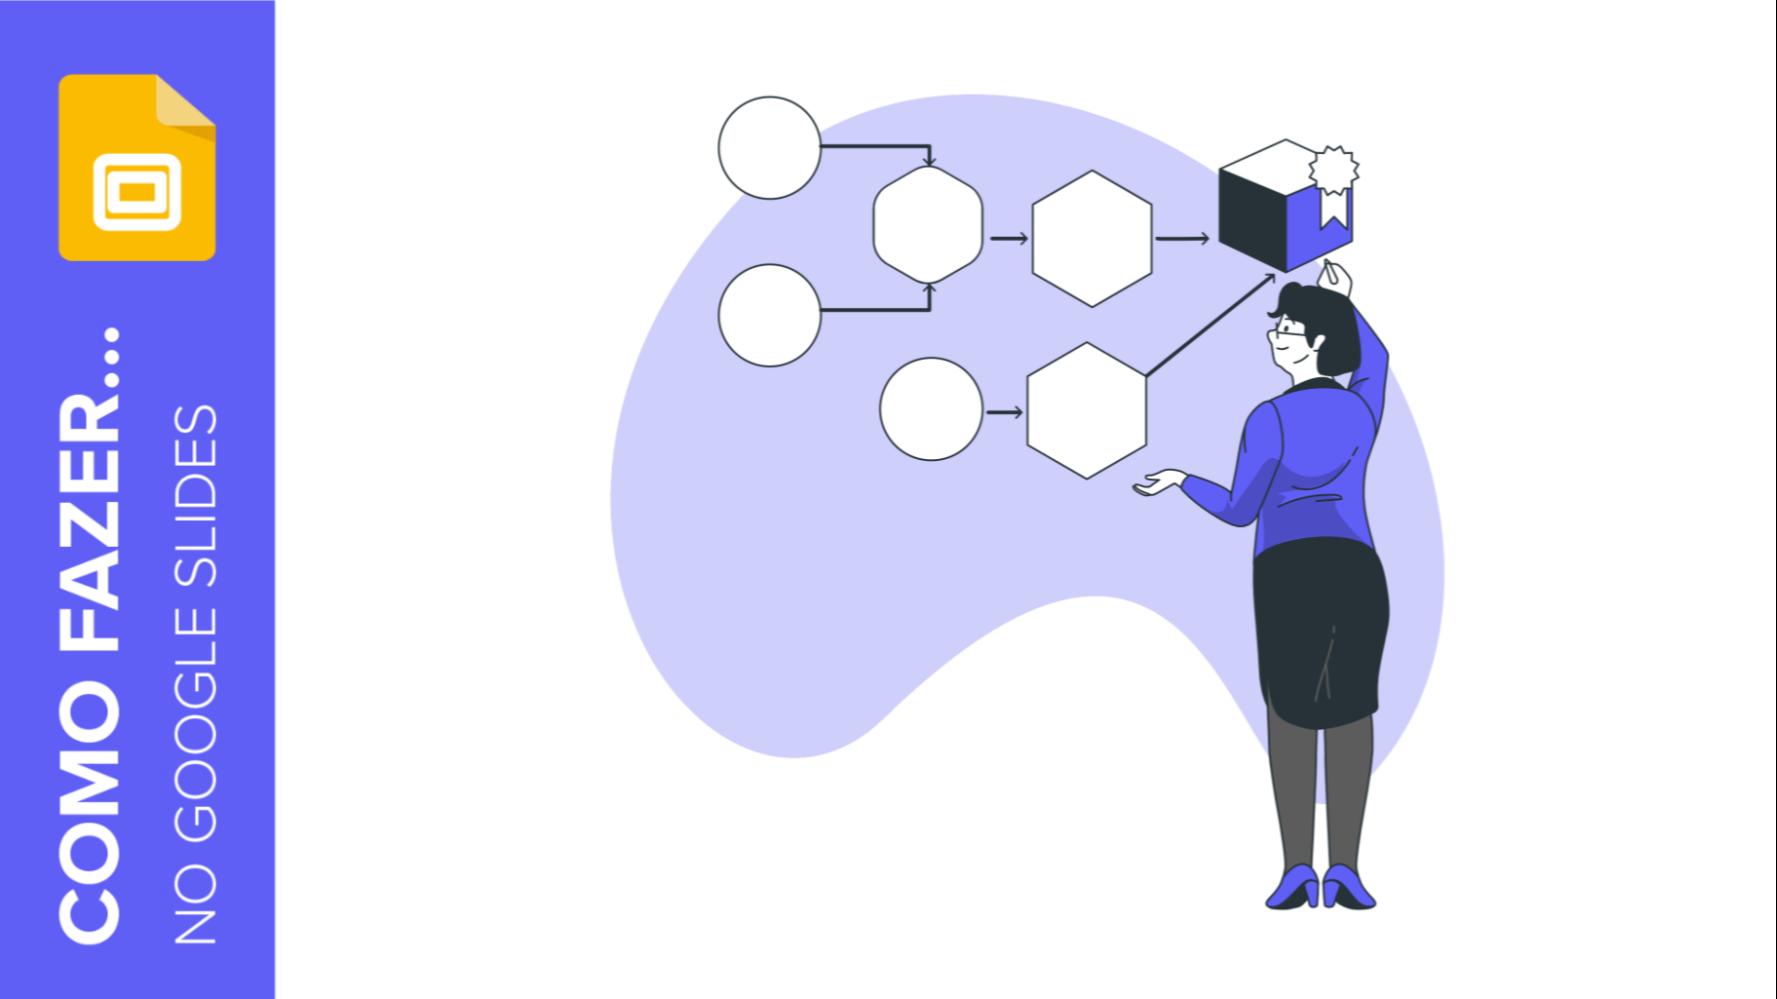 Como criar fluxogramas no Google Slides | Tutoriais e Dicas de apresentação